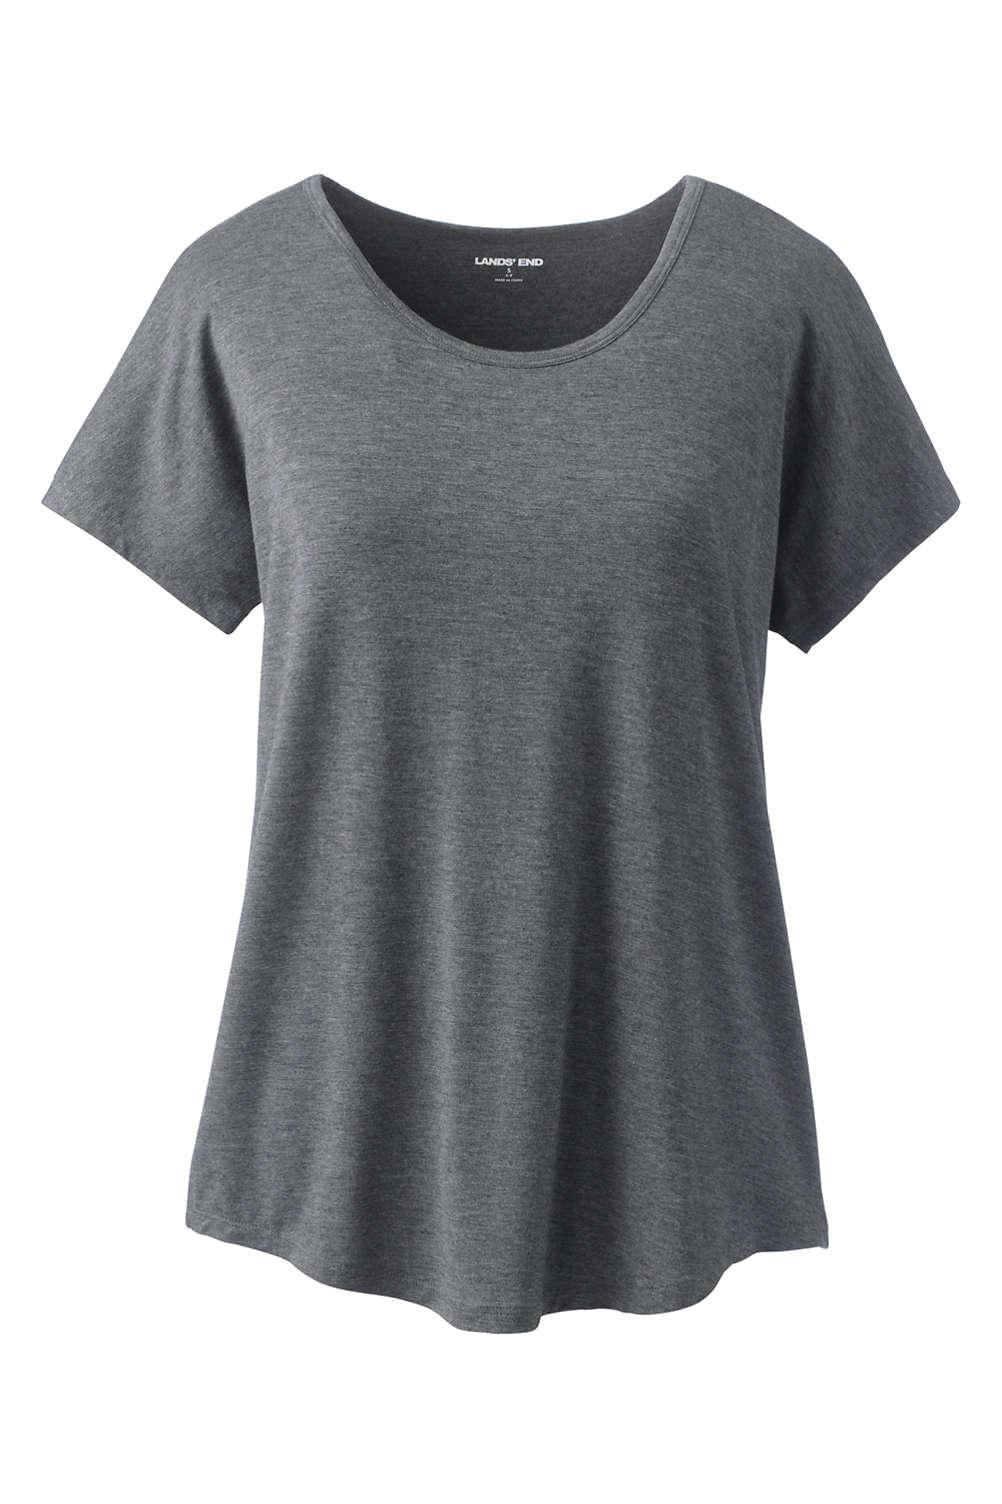 f0524e49745 Women's Jersey U-neck T-shirt from Lands' End